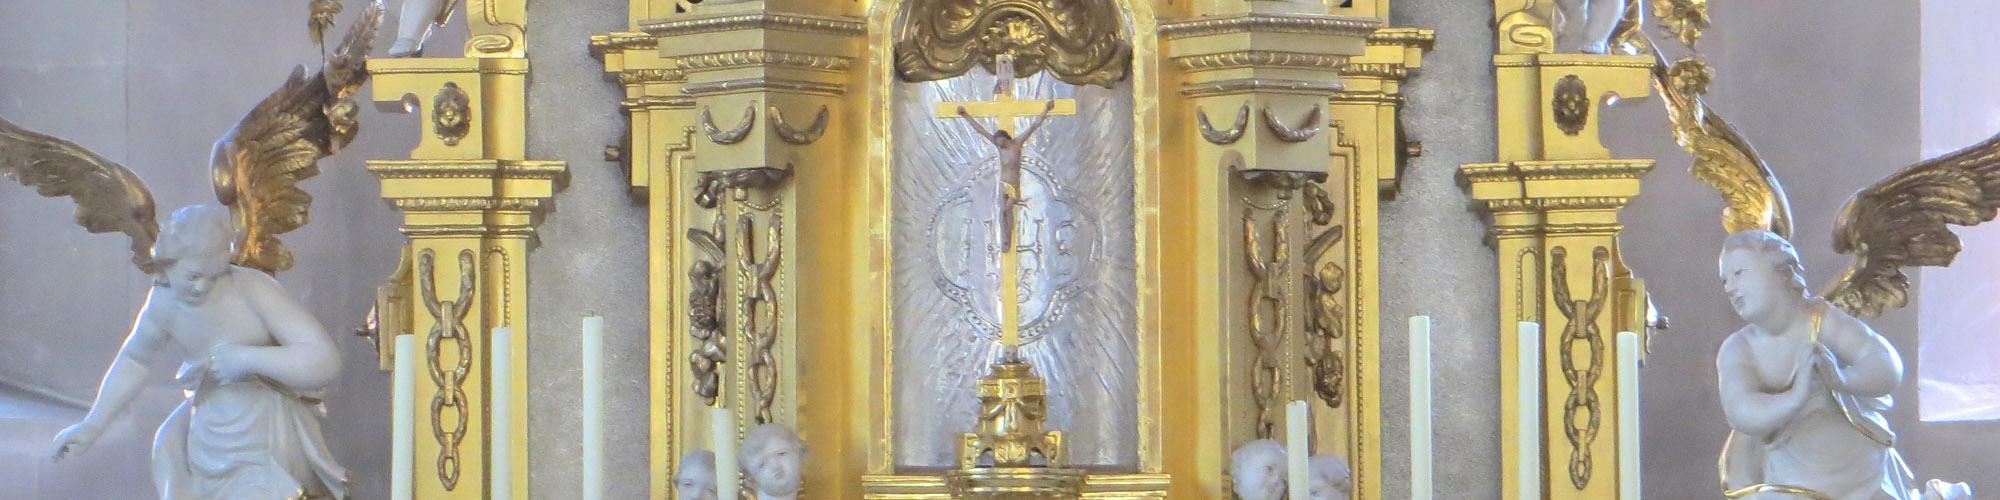 18_Rottendorf_Sankt_Vitus_Hochaltar_Detail_Johann_Georg_Winterstein_1791©WürzburgWiki Wolfgang